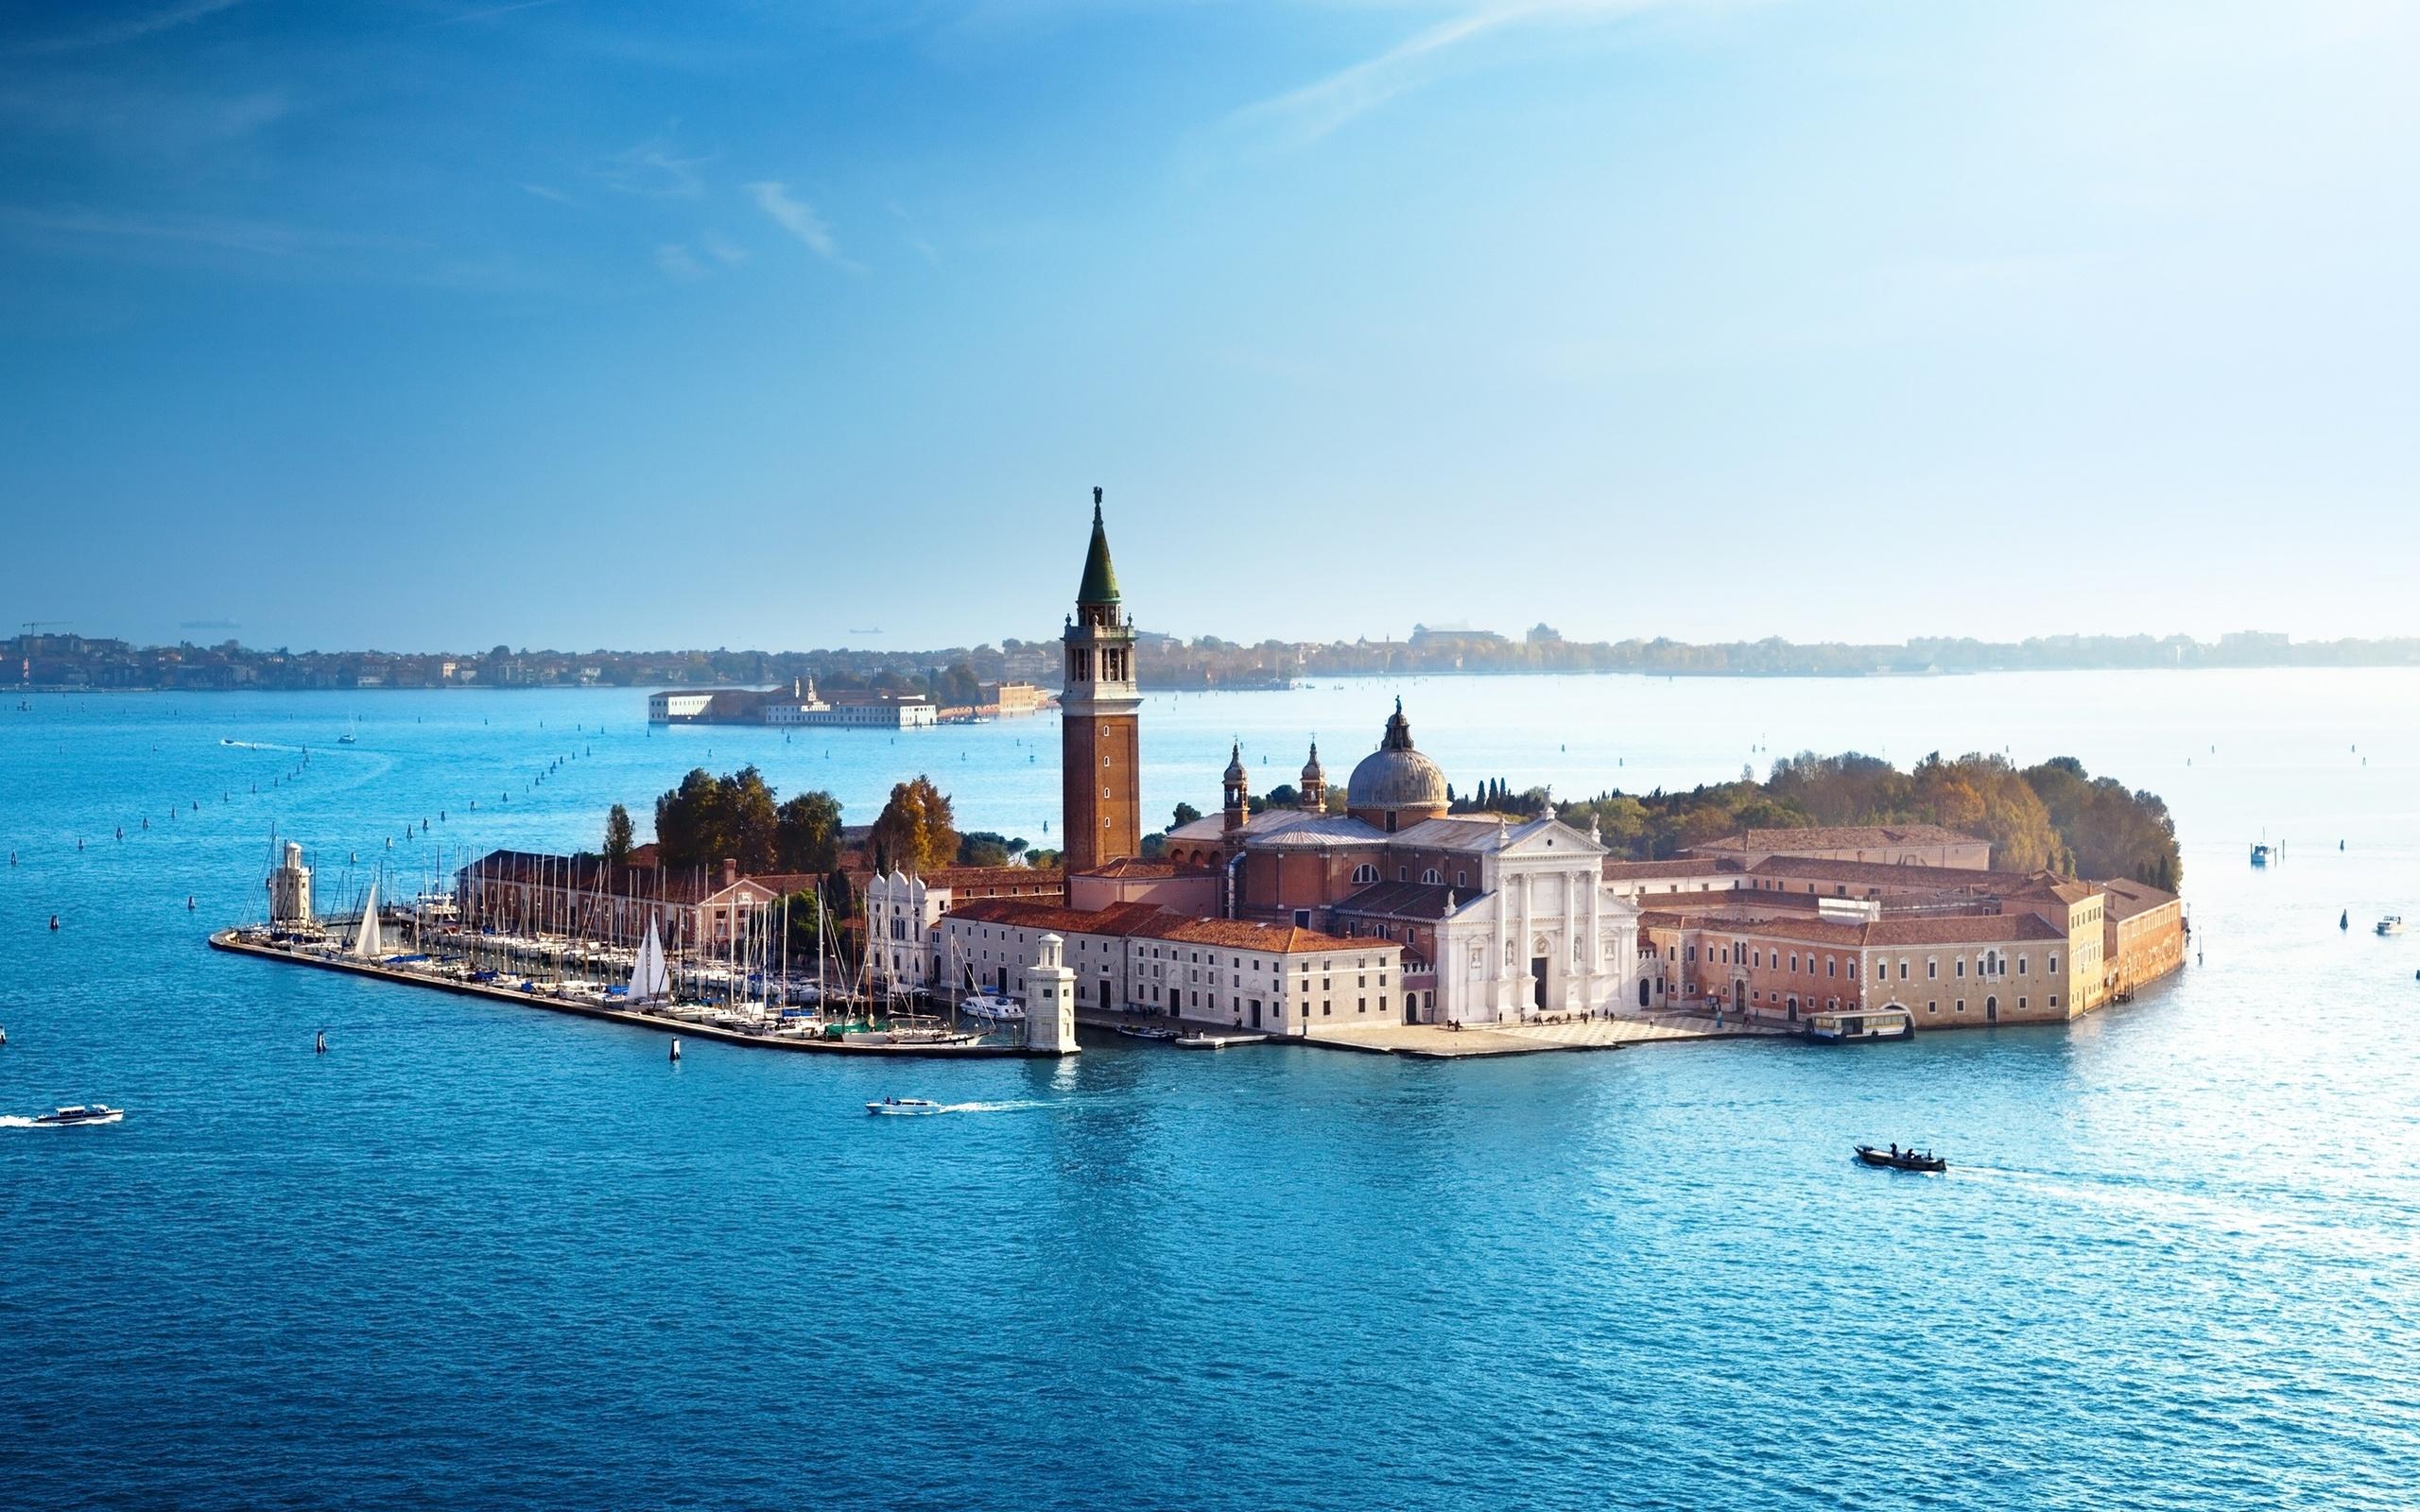 Италия, Церковь на острове, лодки